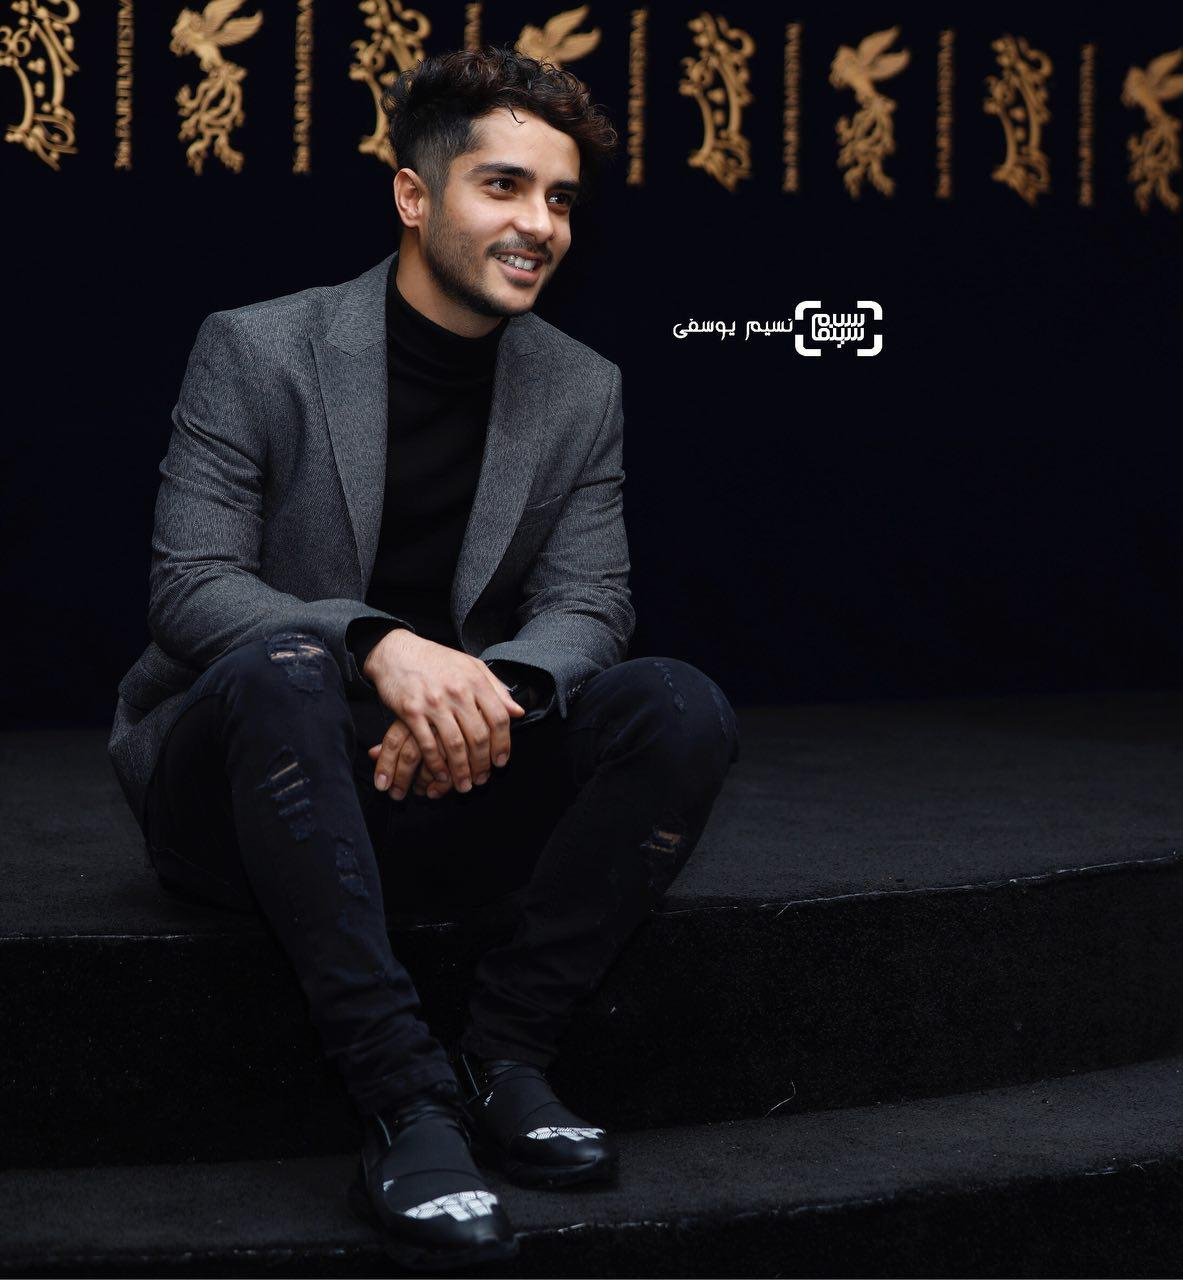 ساعد سهیلی در اکران فیلم «ماهورا» در سی و ششمین جشنواره فیلم فجر